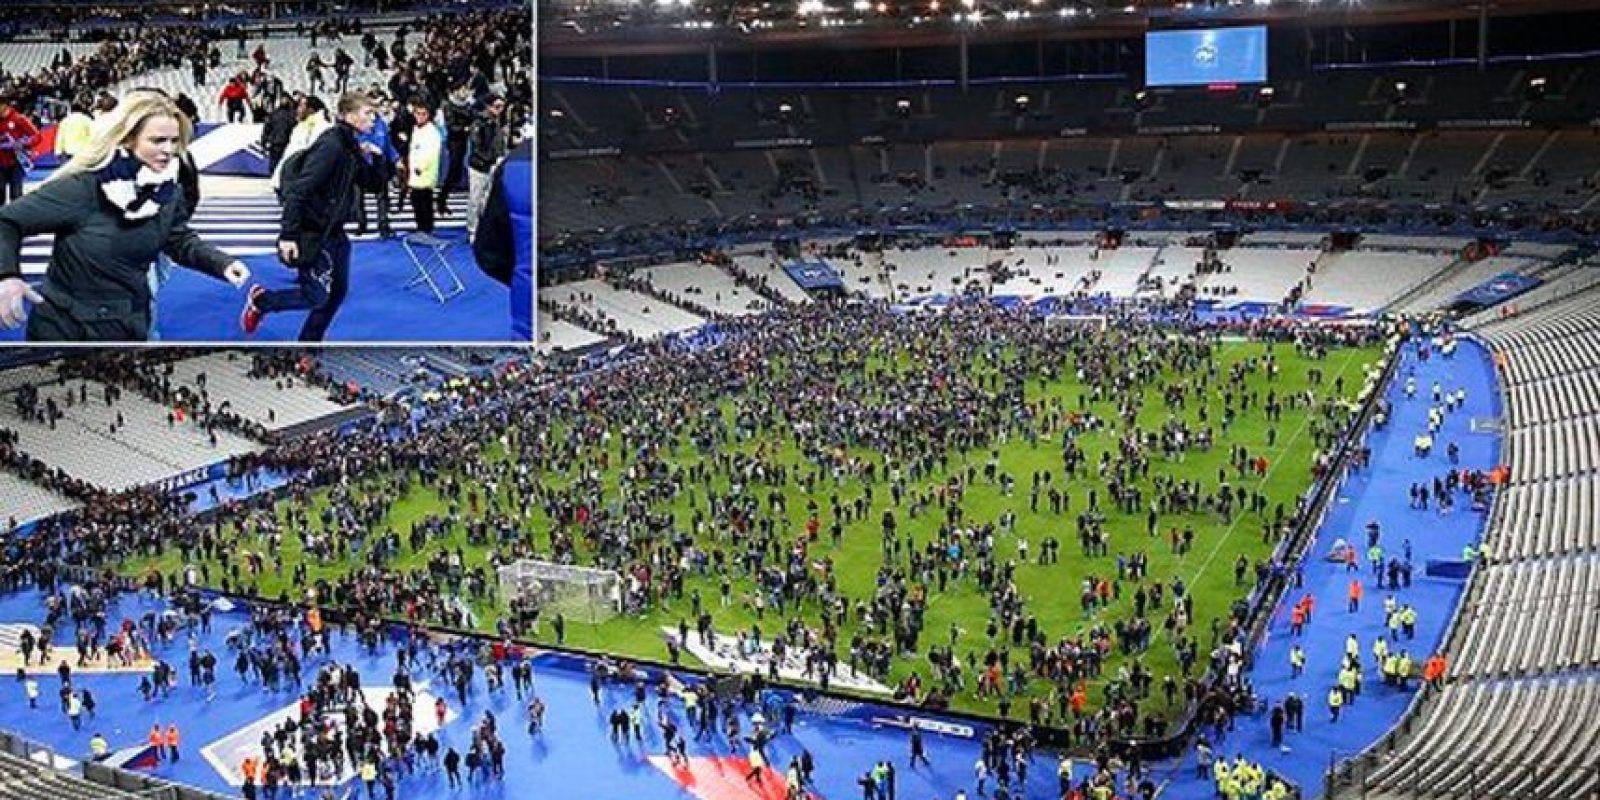 Así reaccionó el público al momento de la detonaciones. Foto:Vía Daily Mirror